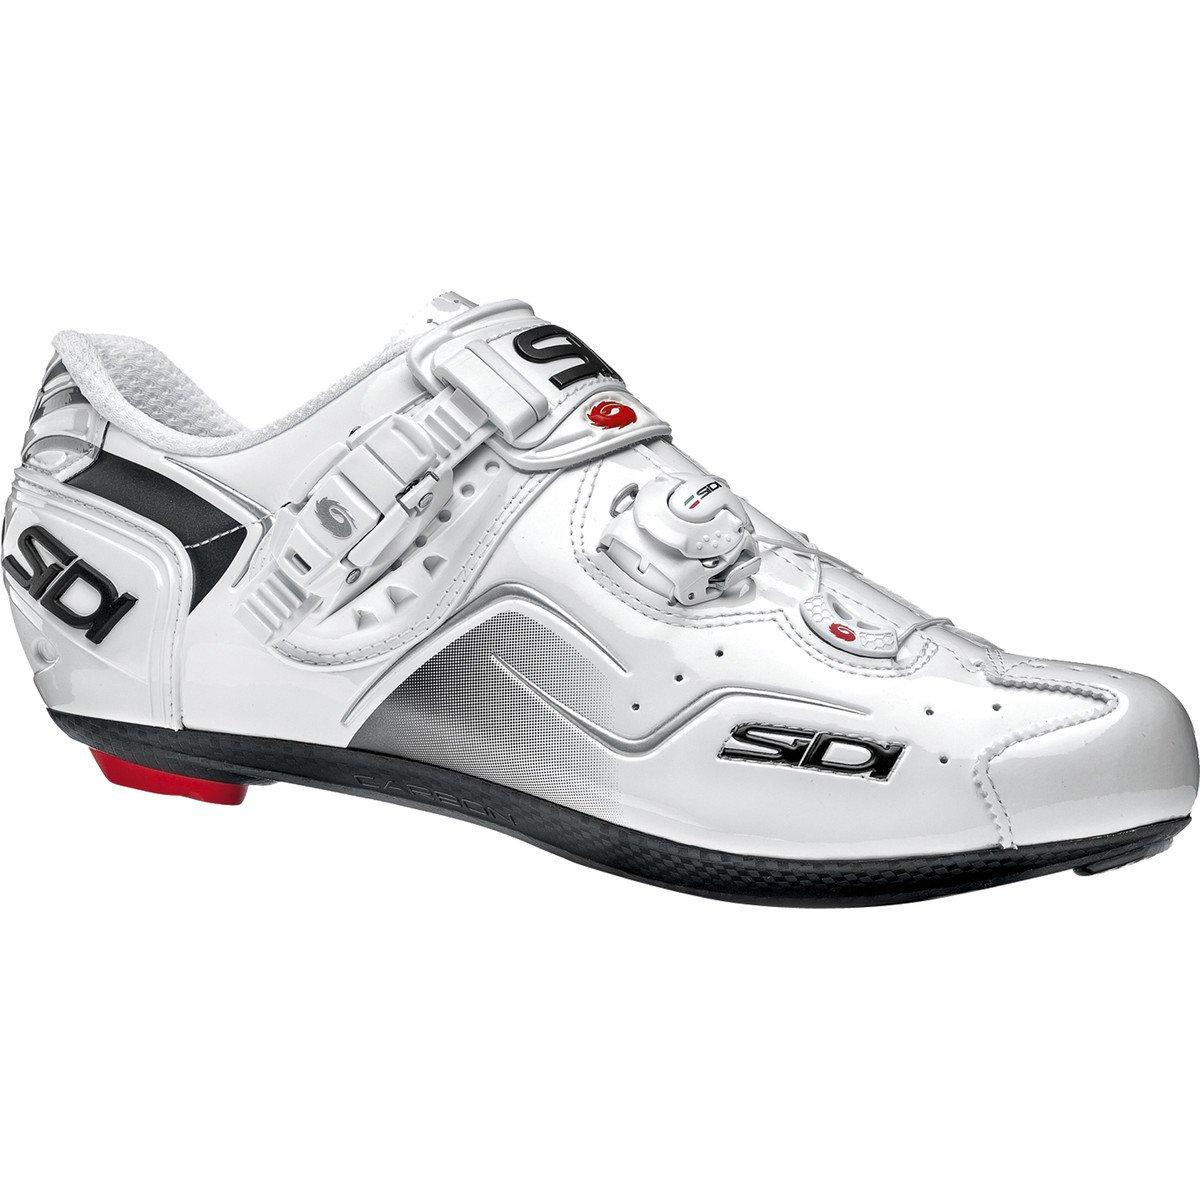 大好き (シディ) Sidi B07G775JTK Kaos Carbon Shoes メンズ ロードバイクシューズWhite [並行輸入品] 日本サイズ Sidi 26cm 26cm (41) White B07G775JTK, 東海村:e9d438e2 --- by.specpricep.ru